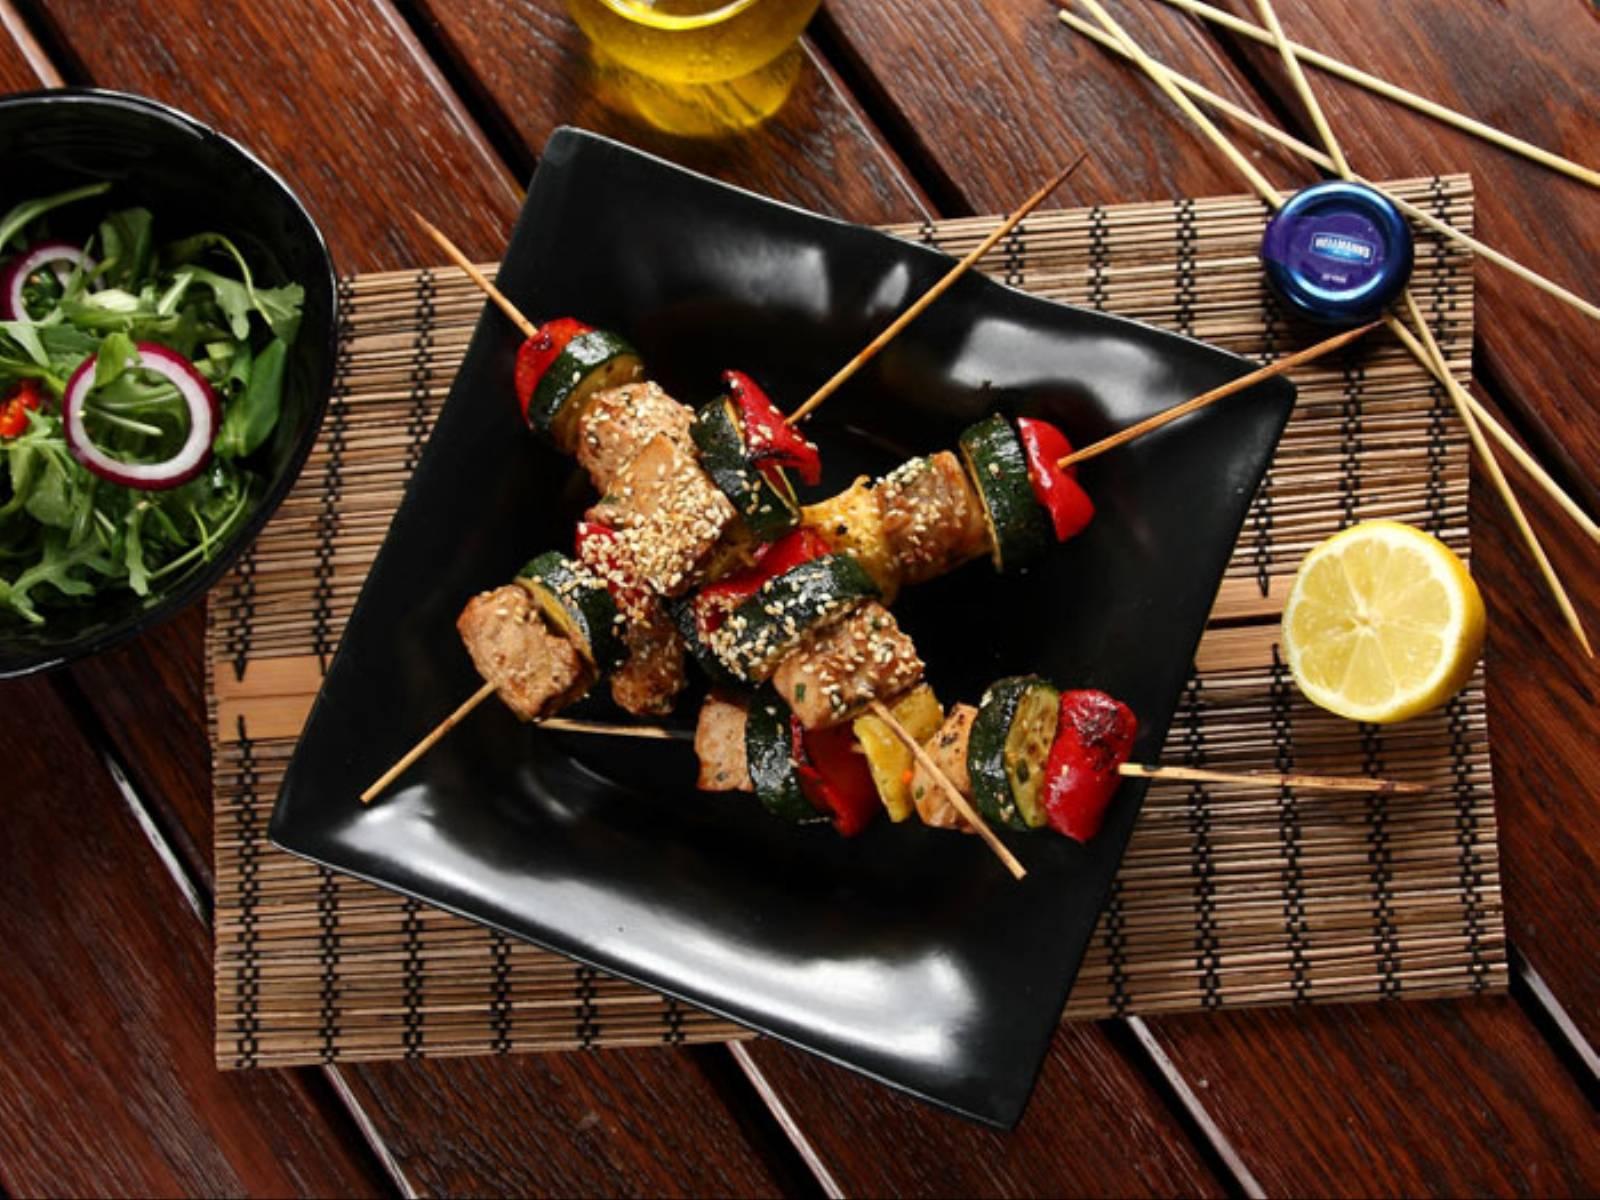 Grillowany szaszłyk z tuńczyka w stylu orientalnym